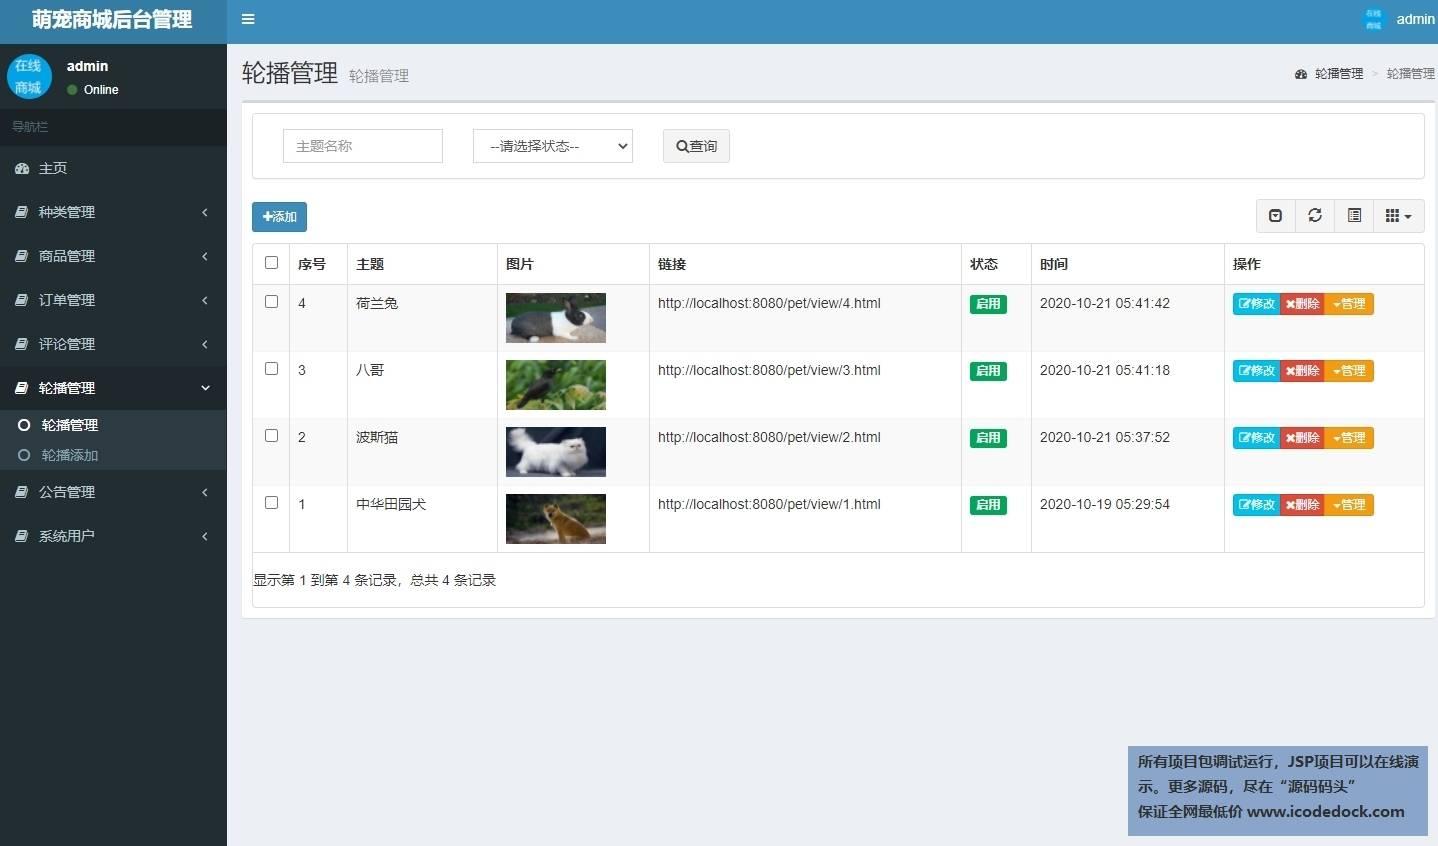 源码码头-SSM宠物销售购买商城平台网站-管理员角色-首页轮播图管理